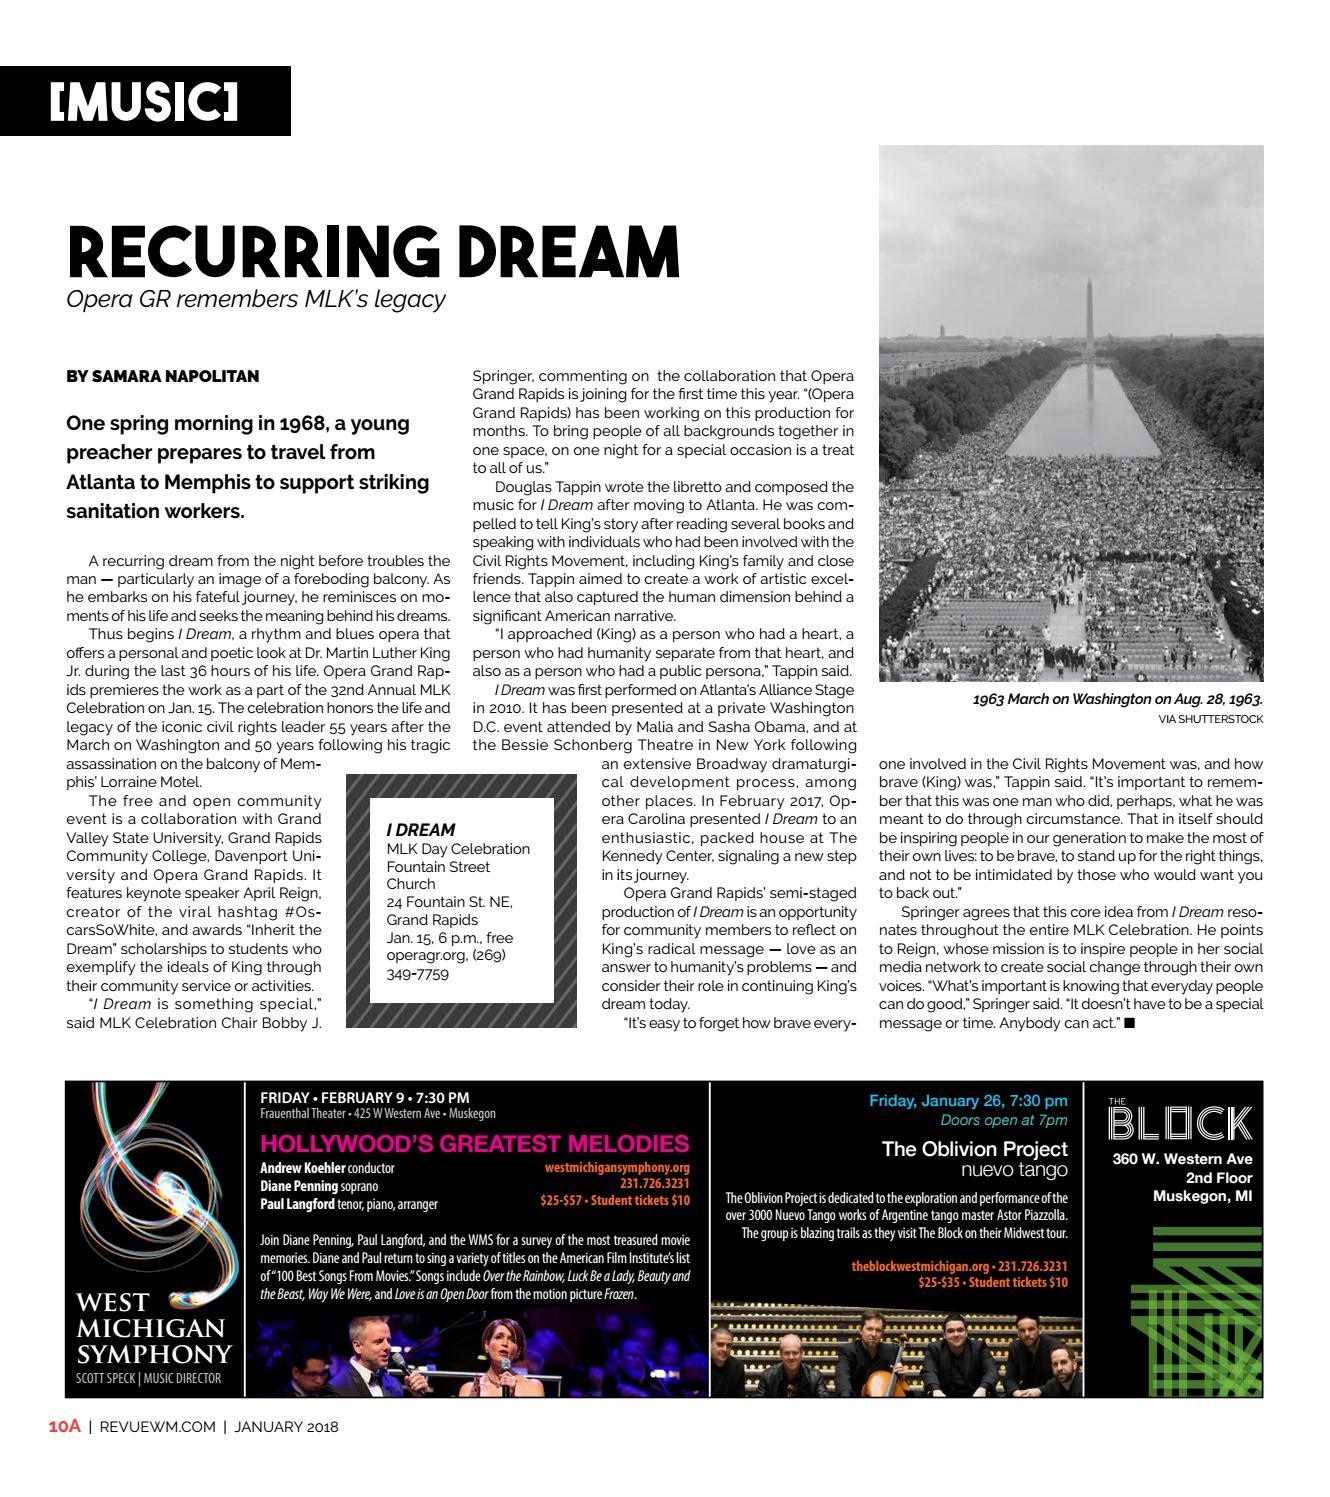 Revue Magazine, January 2018 by Revue Magazine - issuu